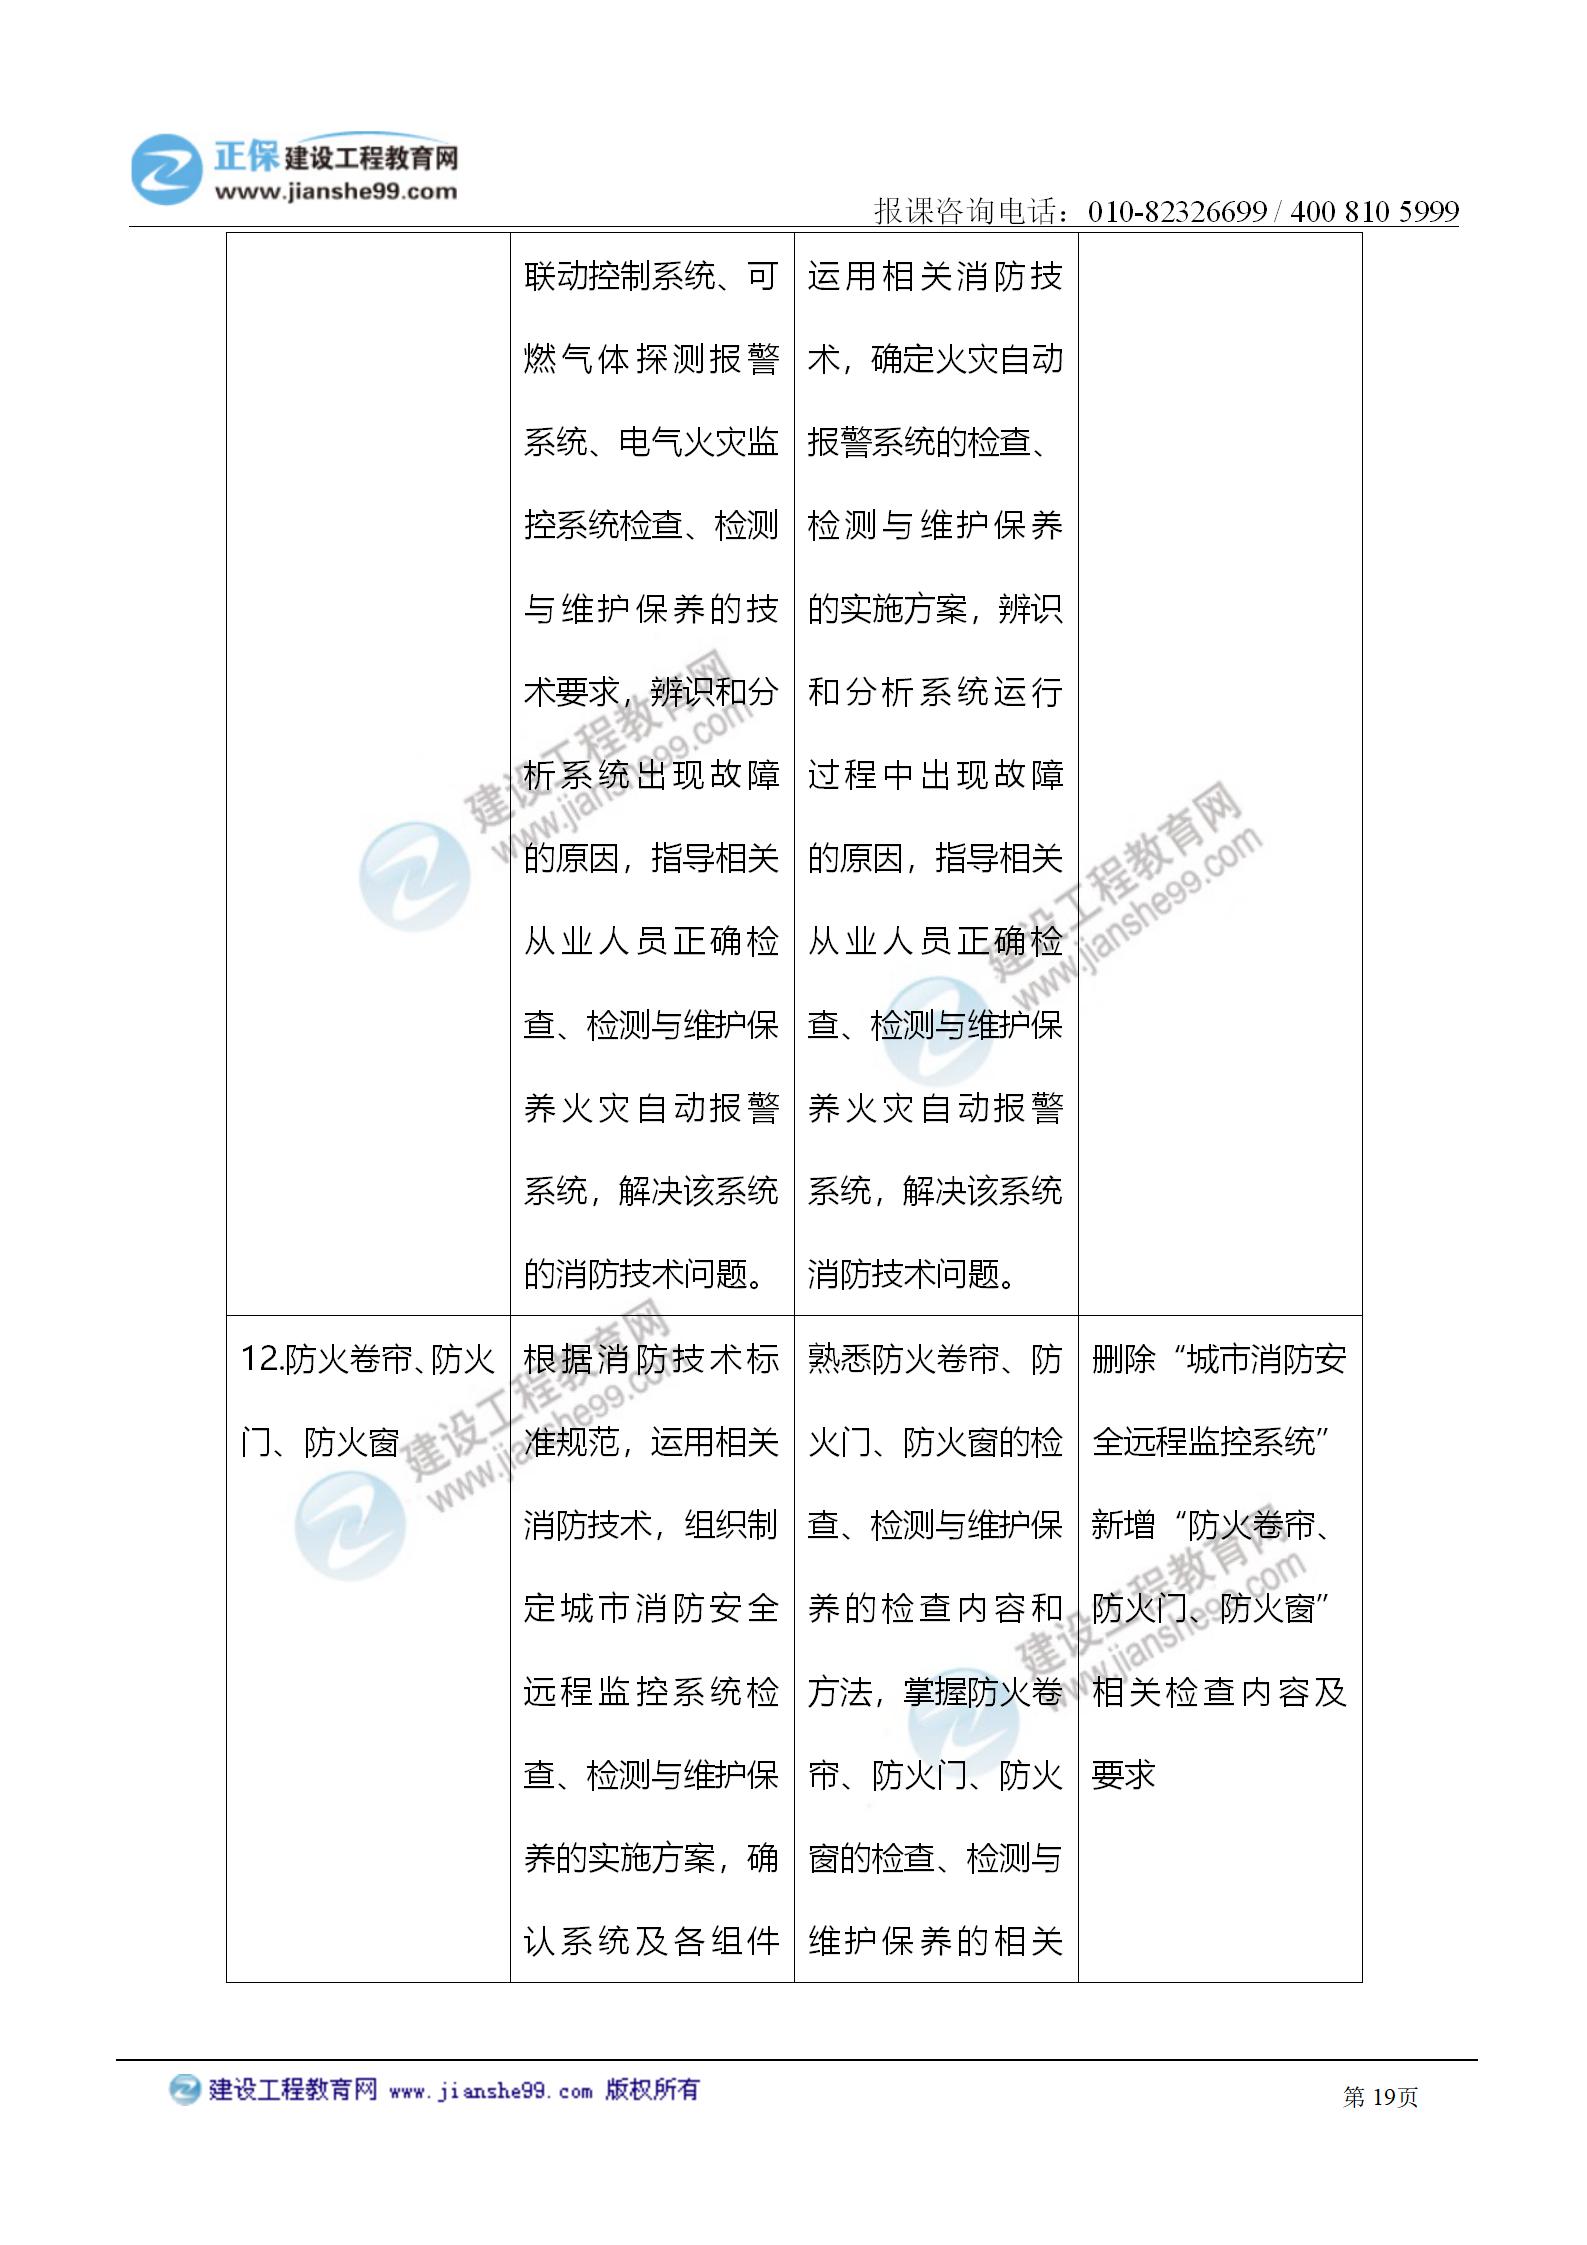 2021注册消防工程师《综合能力》考试大纲变化情况_19